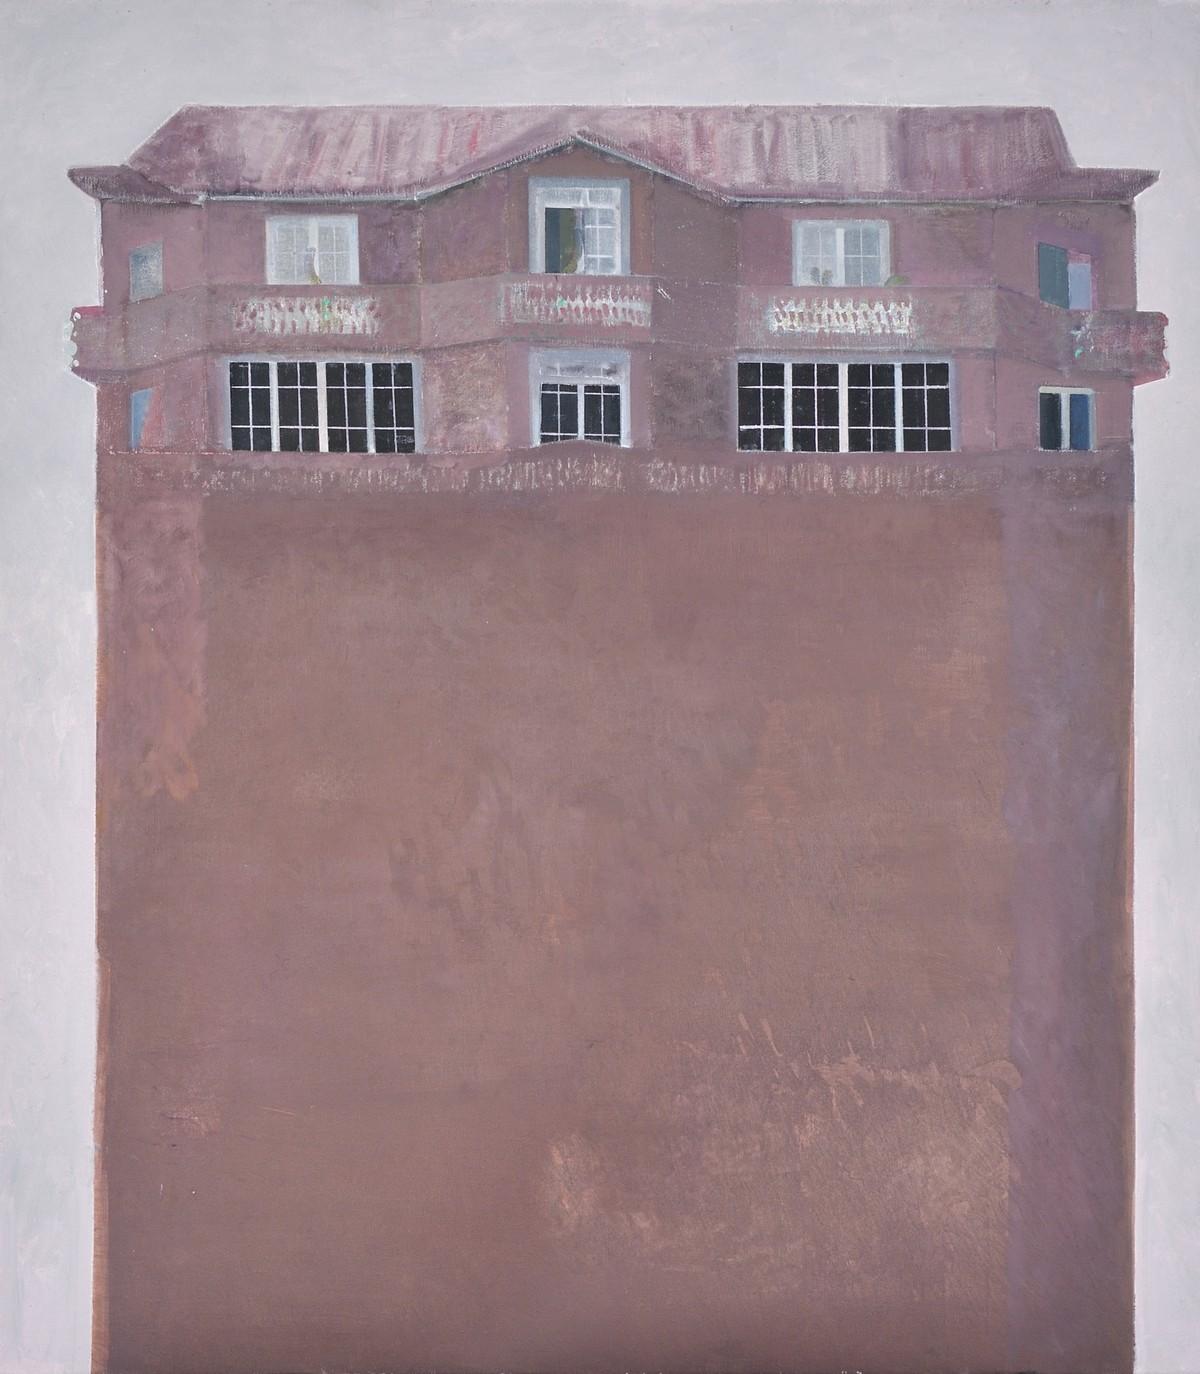 """Edi Hila, """"Penthaus 5"""", olej, płótno, 116 x 102 cm. Fot. Rebecca Fanuele. Dzięki uprzejmości Galerii Mitterrand w Paryżu © Edi Hila (źródło: materiały prasowe organizatora)"""